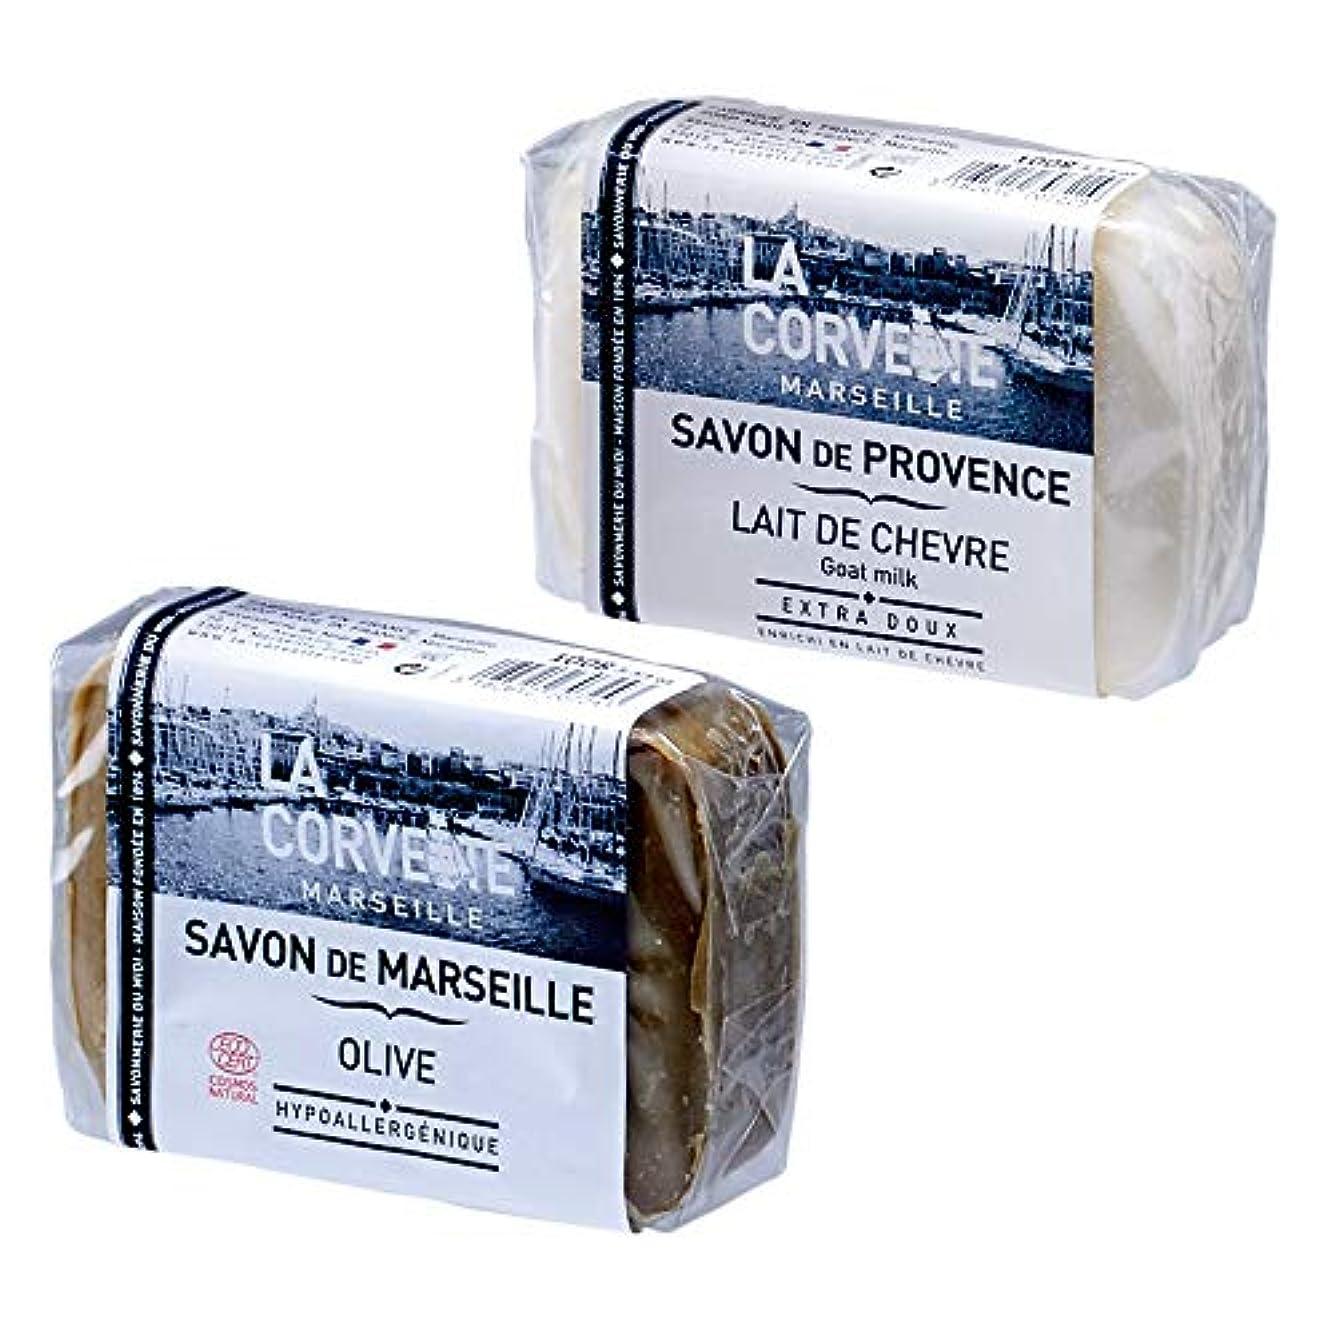 ボルト苦悩叫ぶフランスお土産 マルセイユ石けん 2種セット オリーブ&ゴートミルク 2種セット